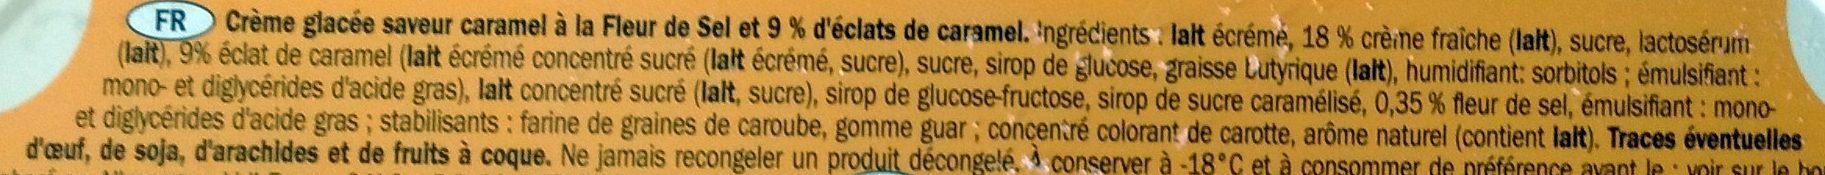 Premium Salted Caramel - Ingrediënten